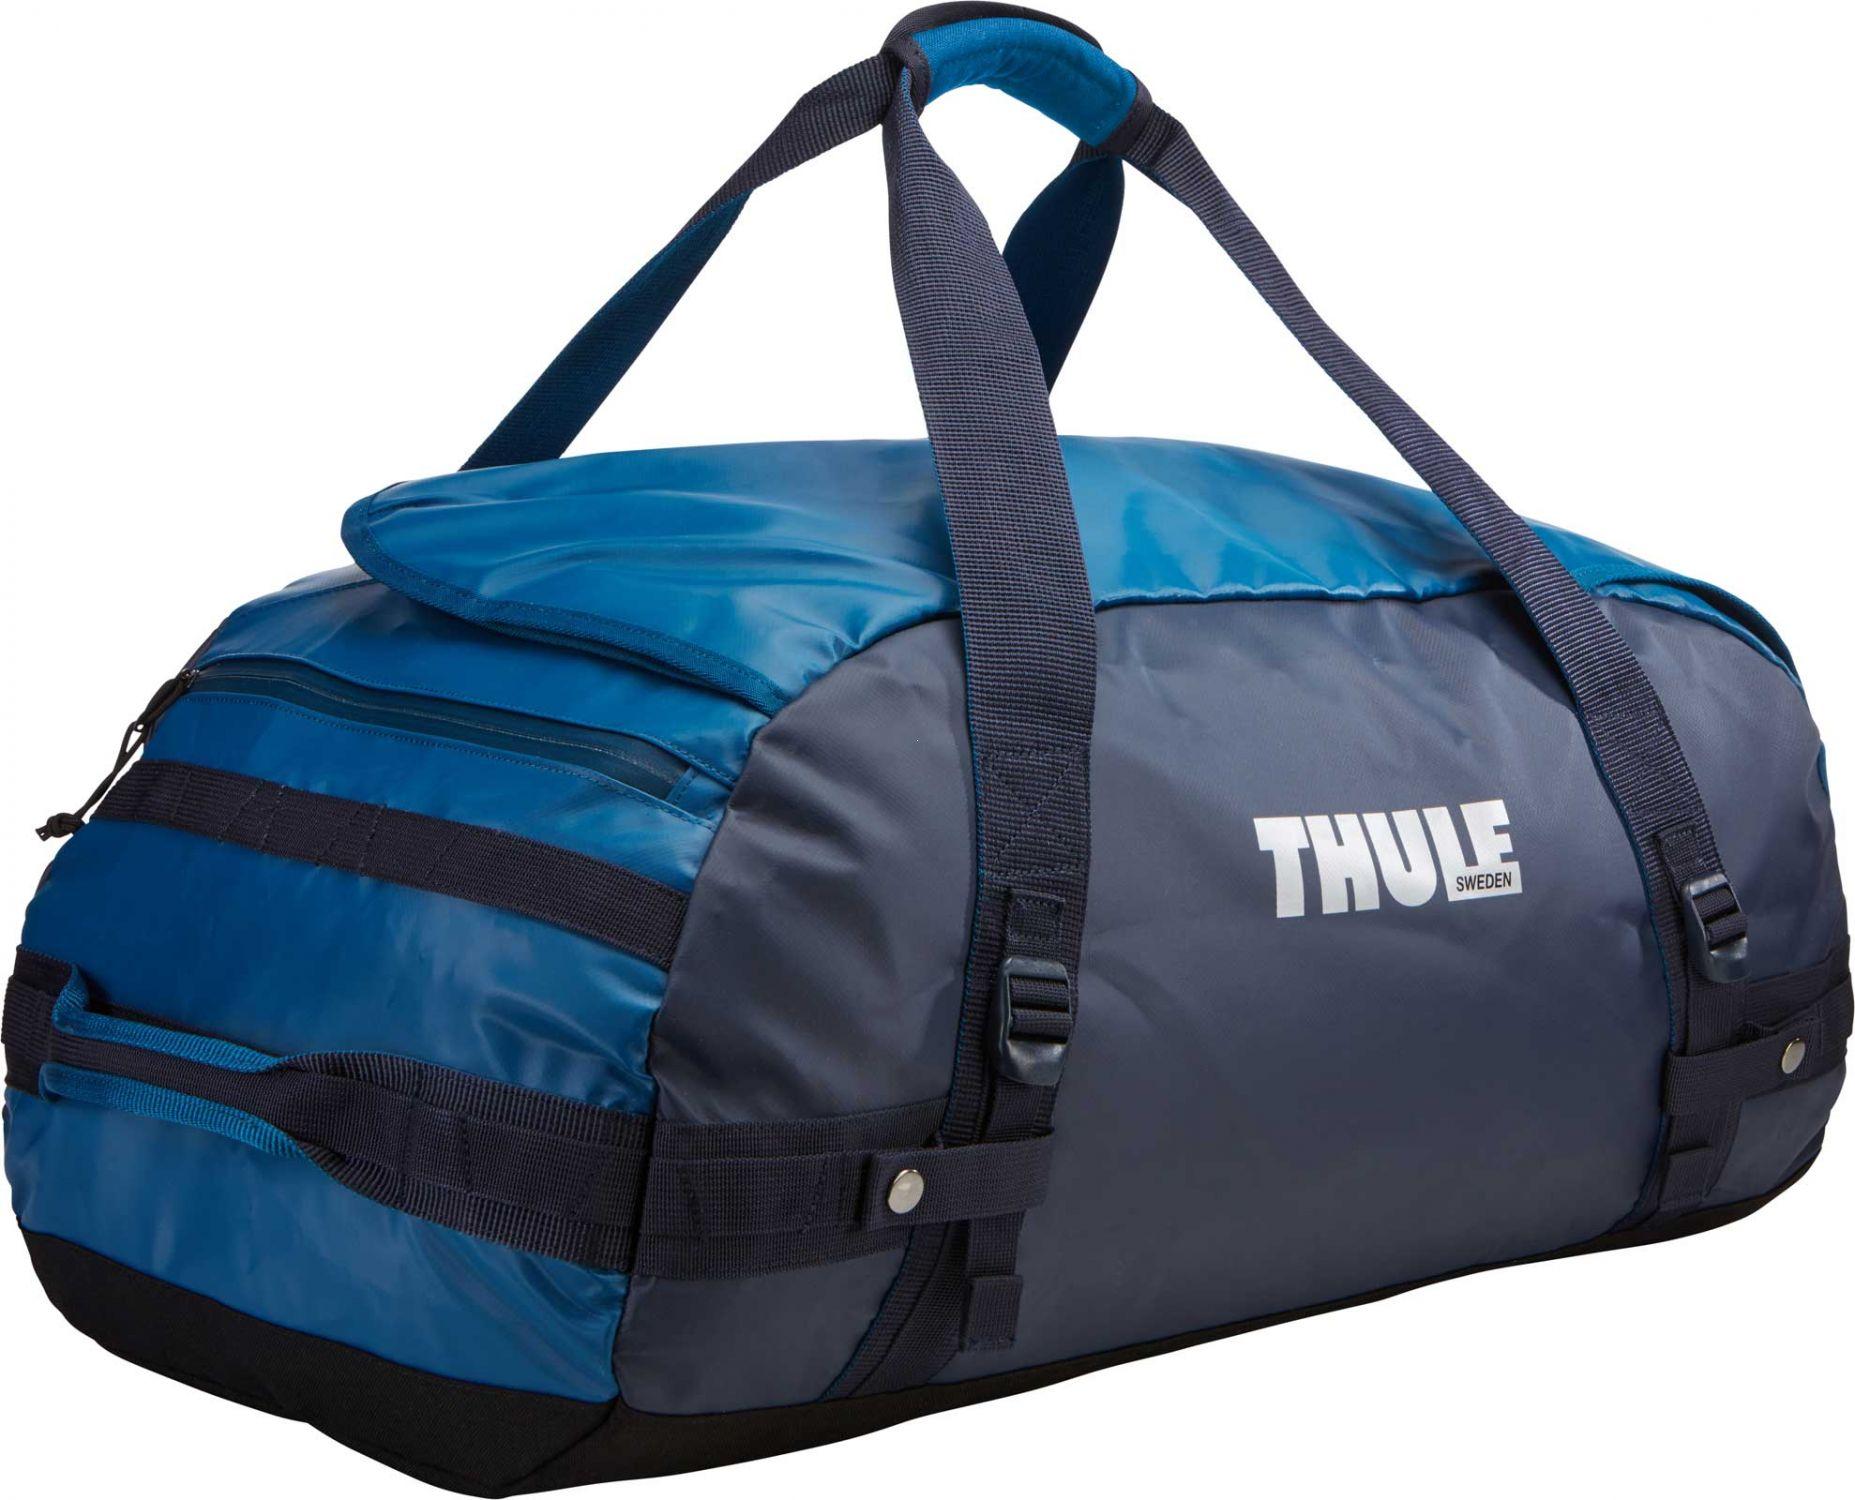 8e3a1fb45ad59 Torba sportowa-podróżna, plecak, 70 litrów marki Thule z kolekcji ...